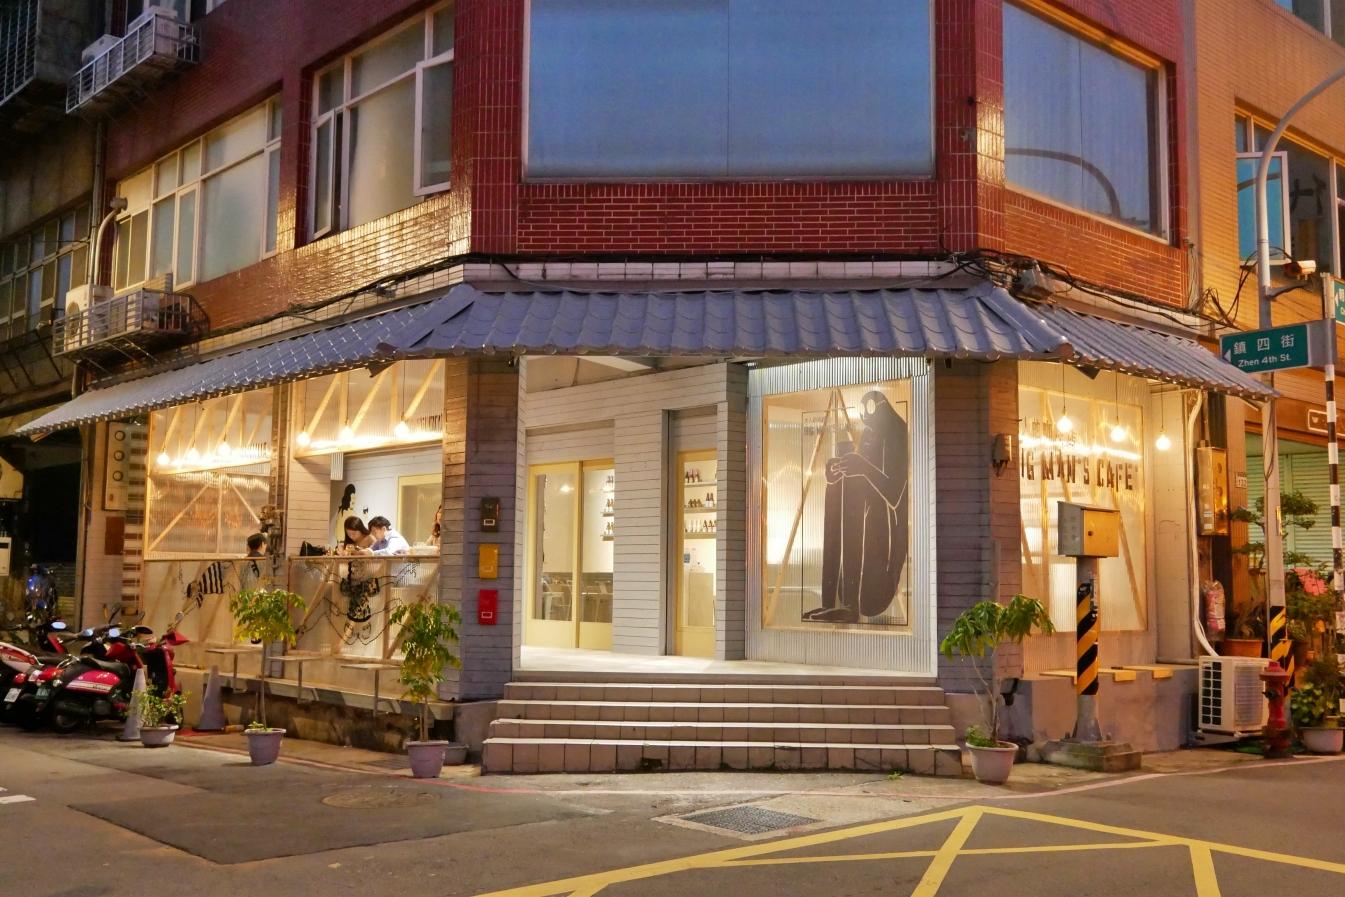 [桃園美食]大人的咖啡店.Big man's cafe|蠢咖啡二店~朝陽公園旁夜晚限定營業的咖啡館/啤酒吧 @VIVIYU小世界